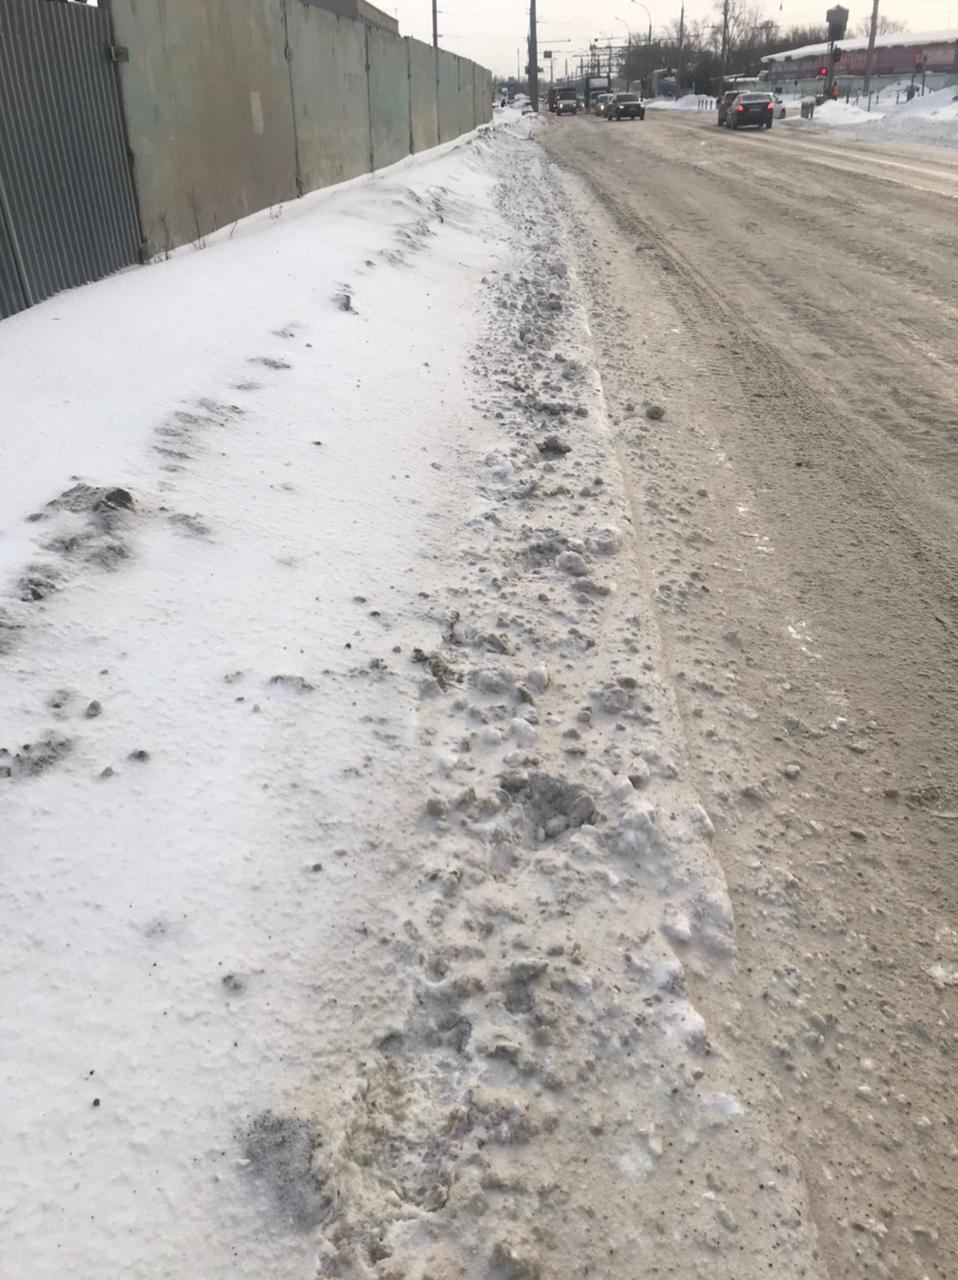 Ленинский район, 2-я Станционная: — Люди идут вдоль дороги, снегом заметает. Никто не чистит, — написала читательница&nbsp;<br>